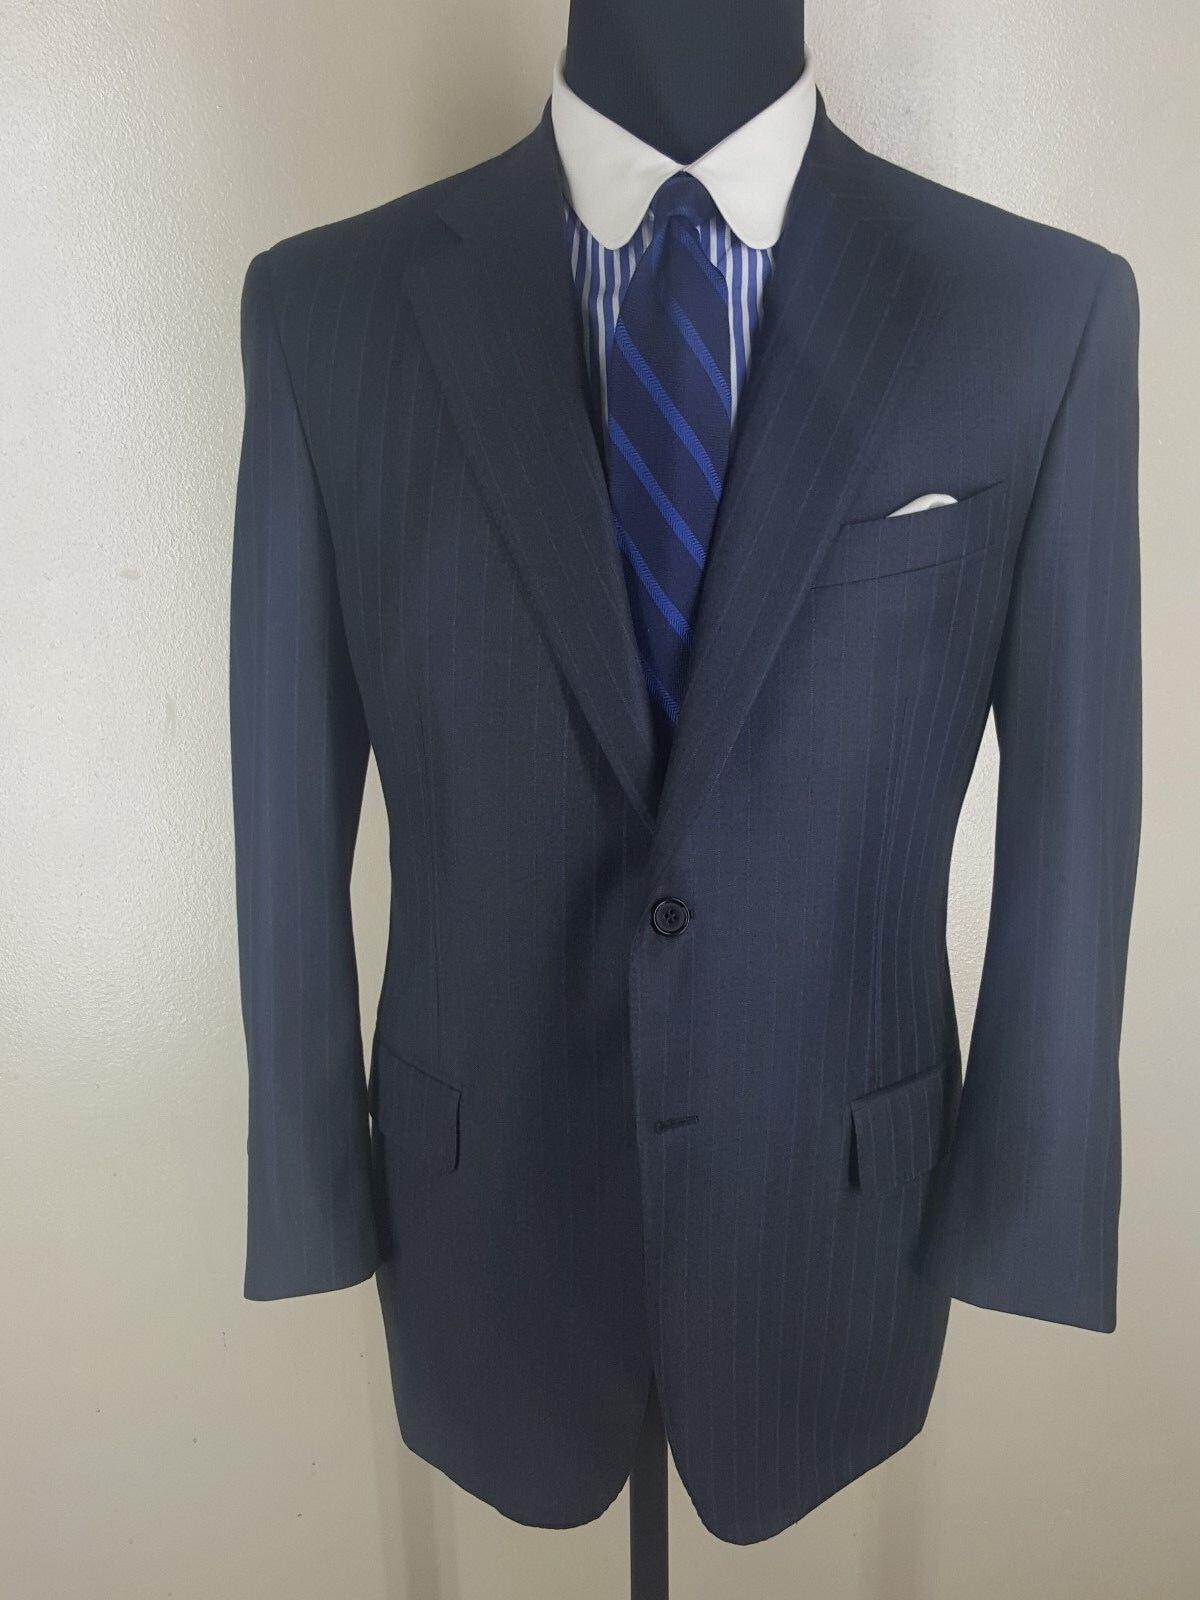 LORENZ NICOLA Super 150'S Wool Suit 2 Btn Side Vents  42 S -Fit 42 S-44 Short